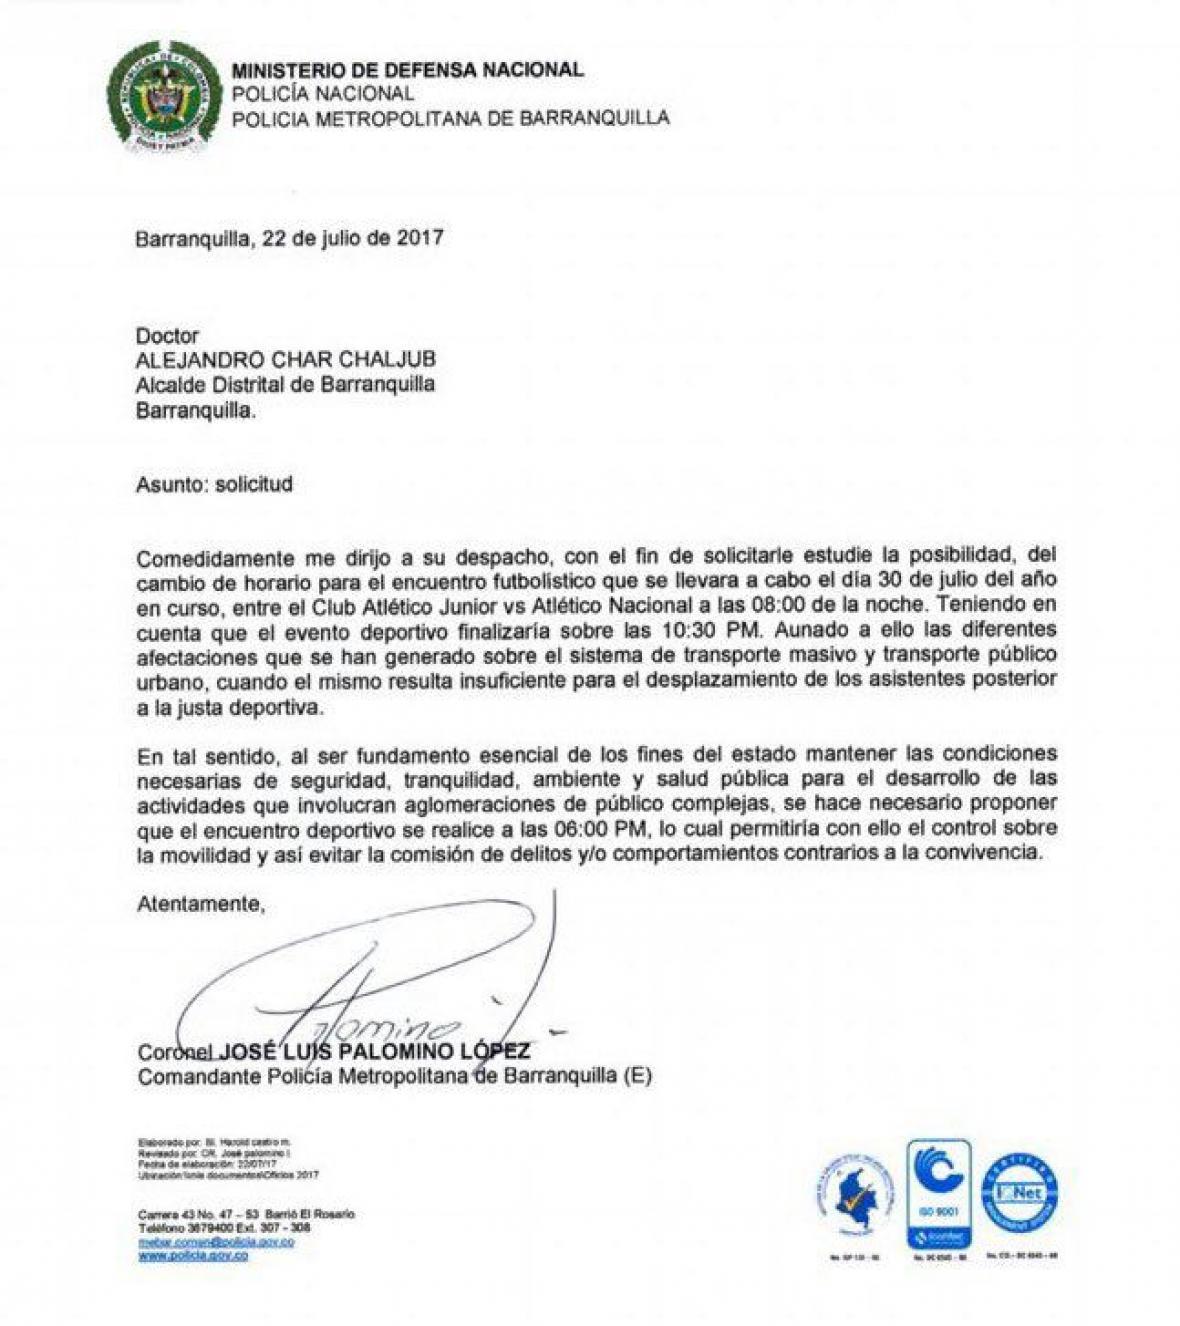 Carta enviada por la Policía Metropolitana de Barranquilla a la Alcaldía.